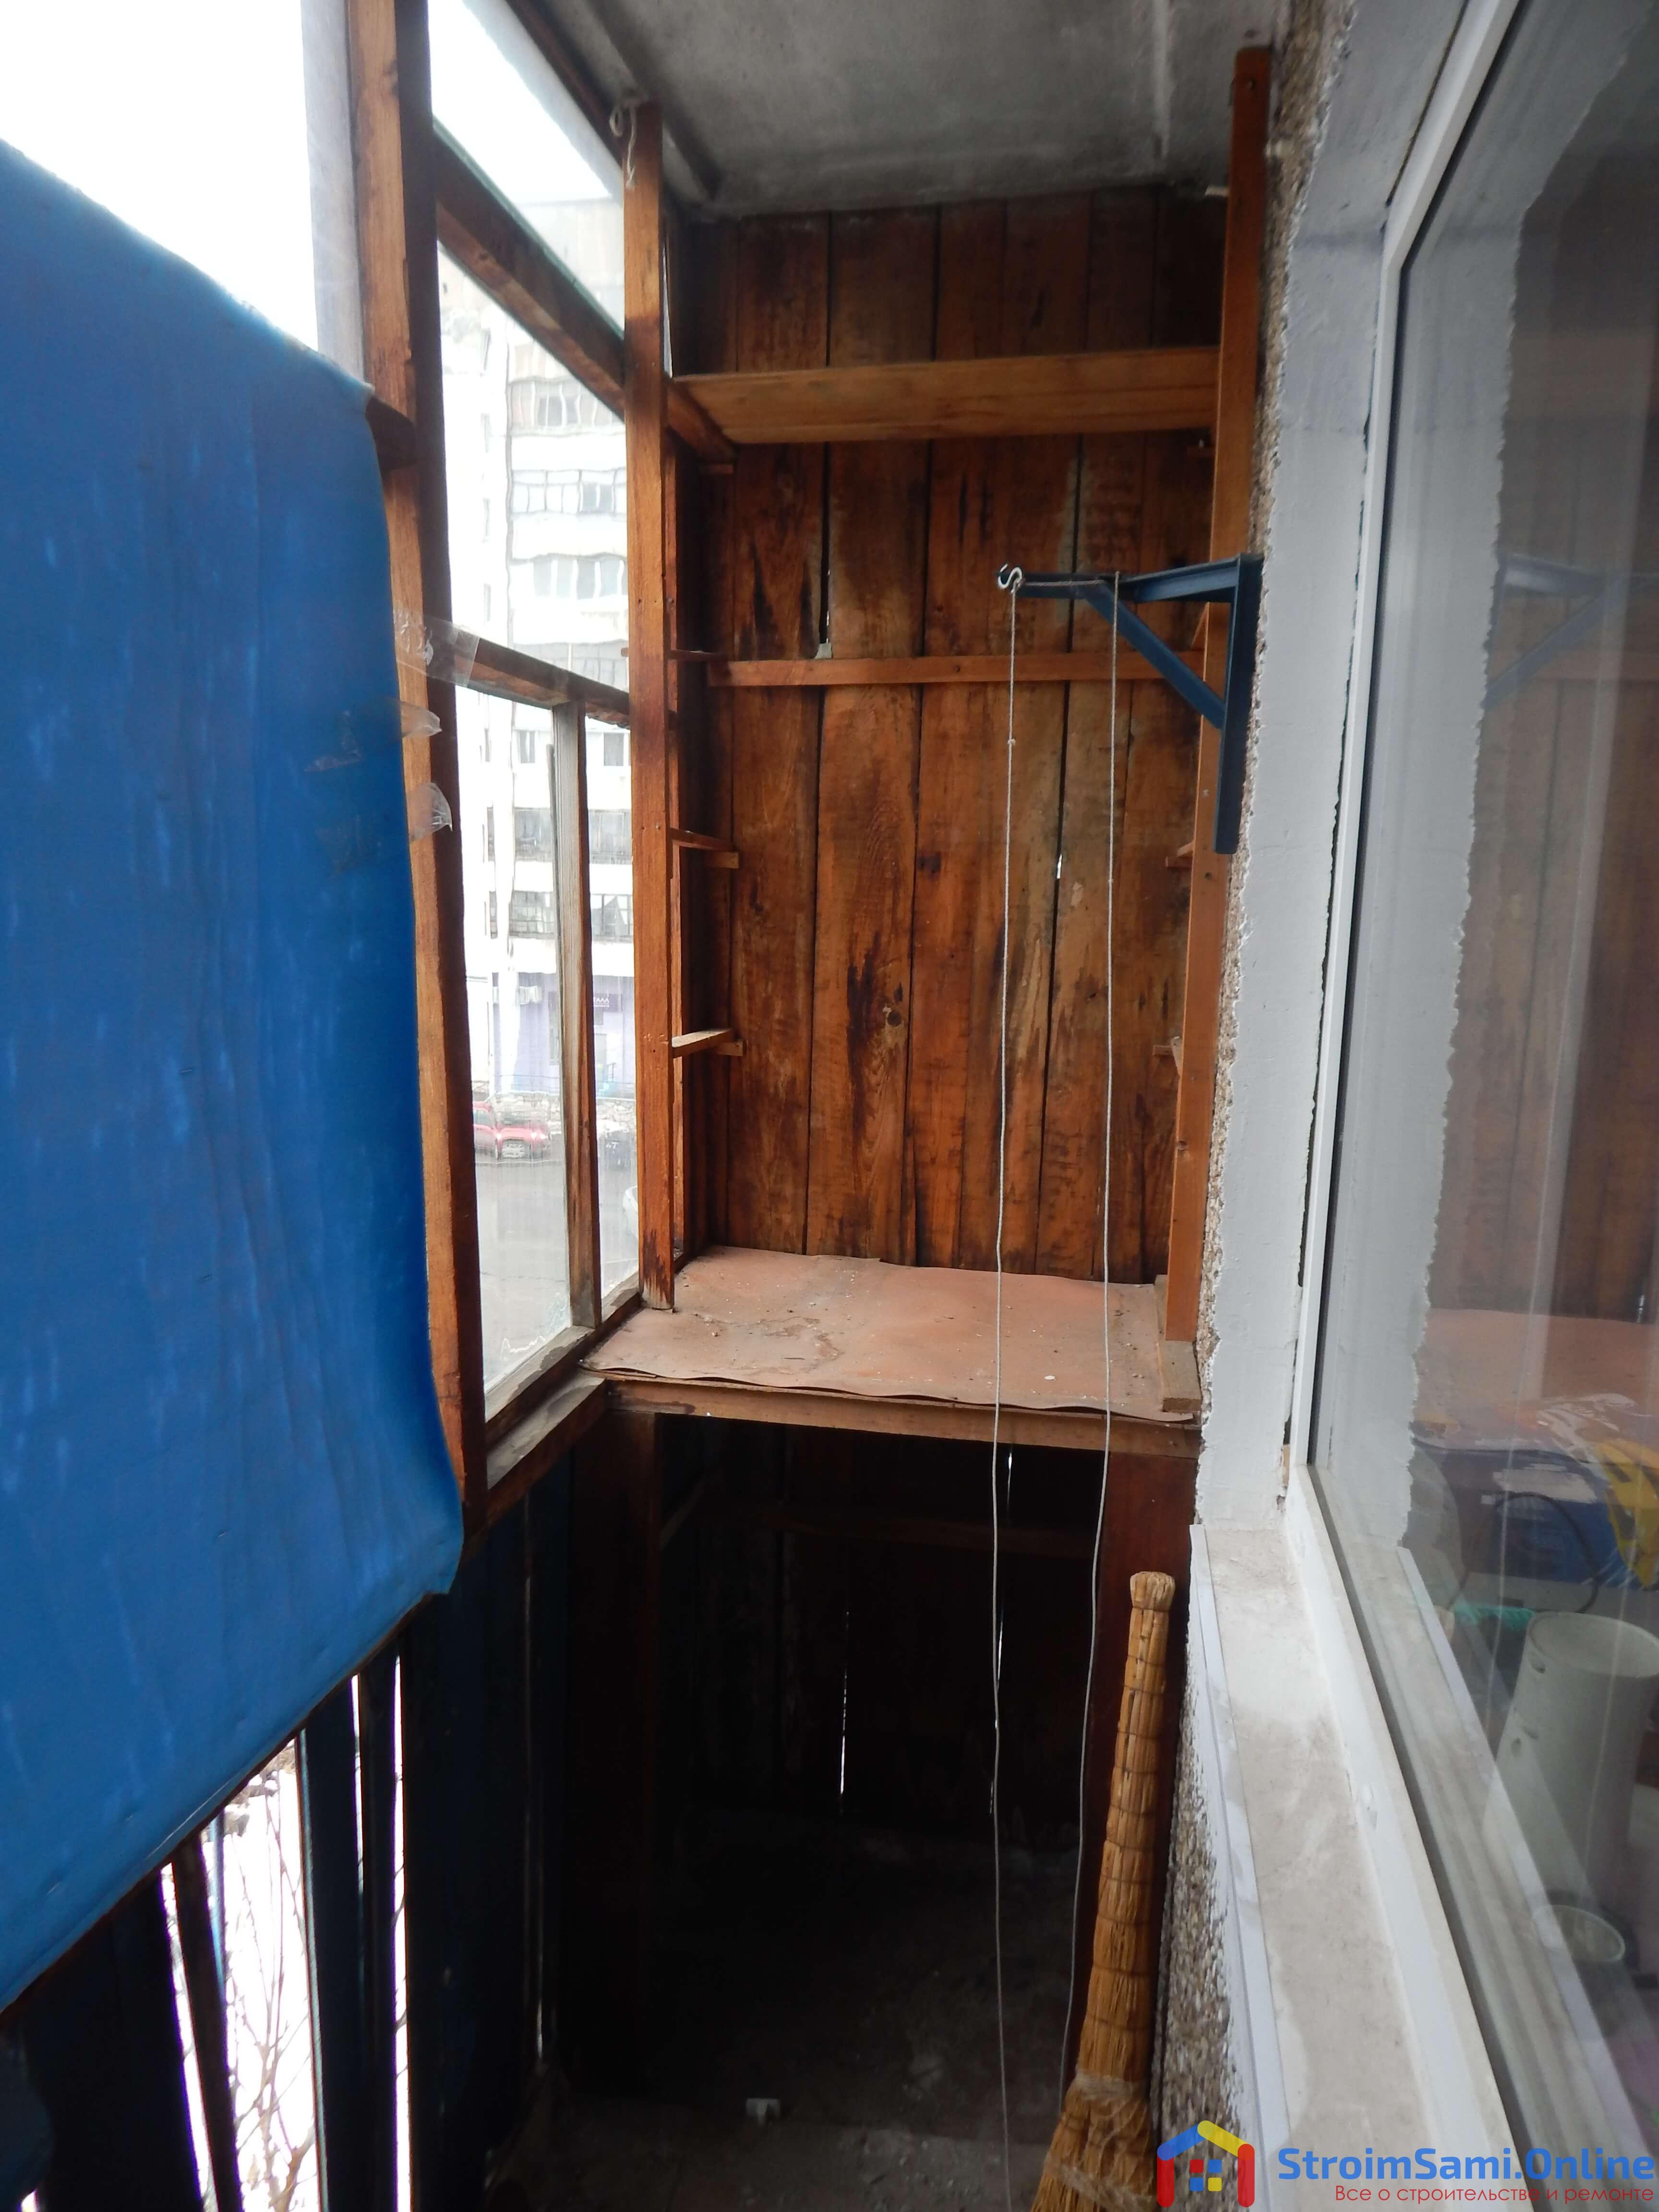 Фото 4: здесь были полки я ящики для хранения вещей на балконе